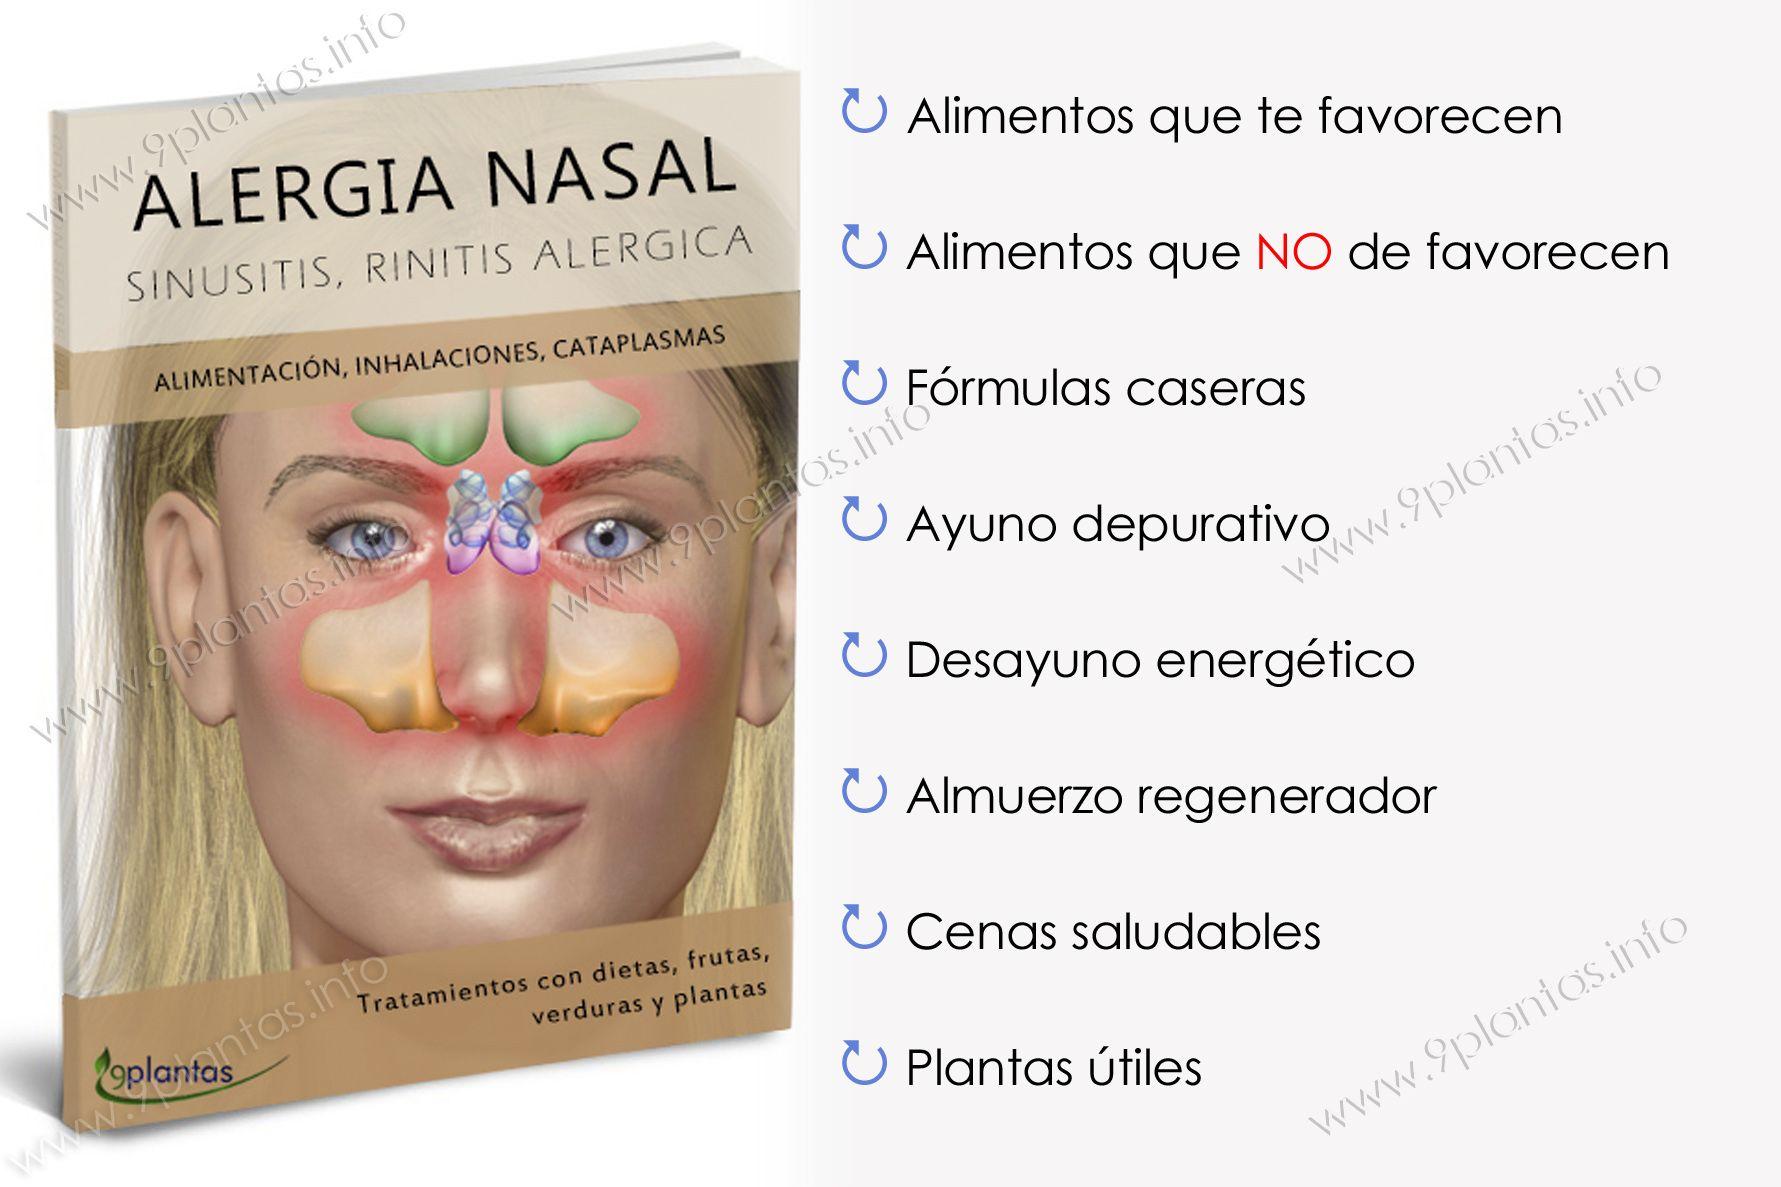 E-book | Alergia nasal, rinitis alérgica